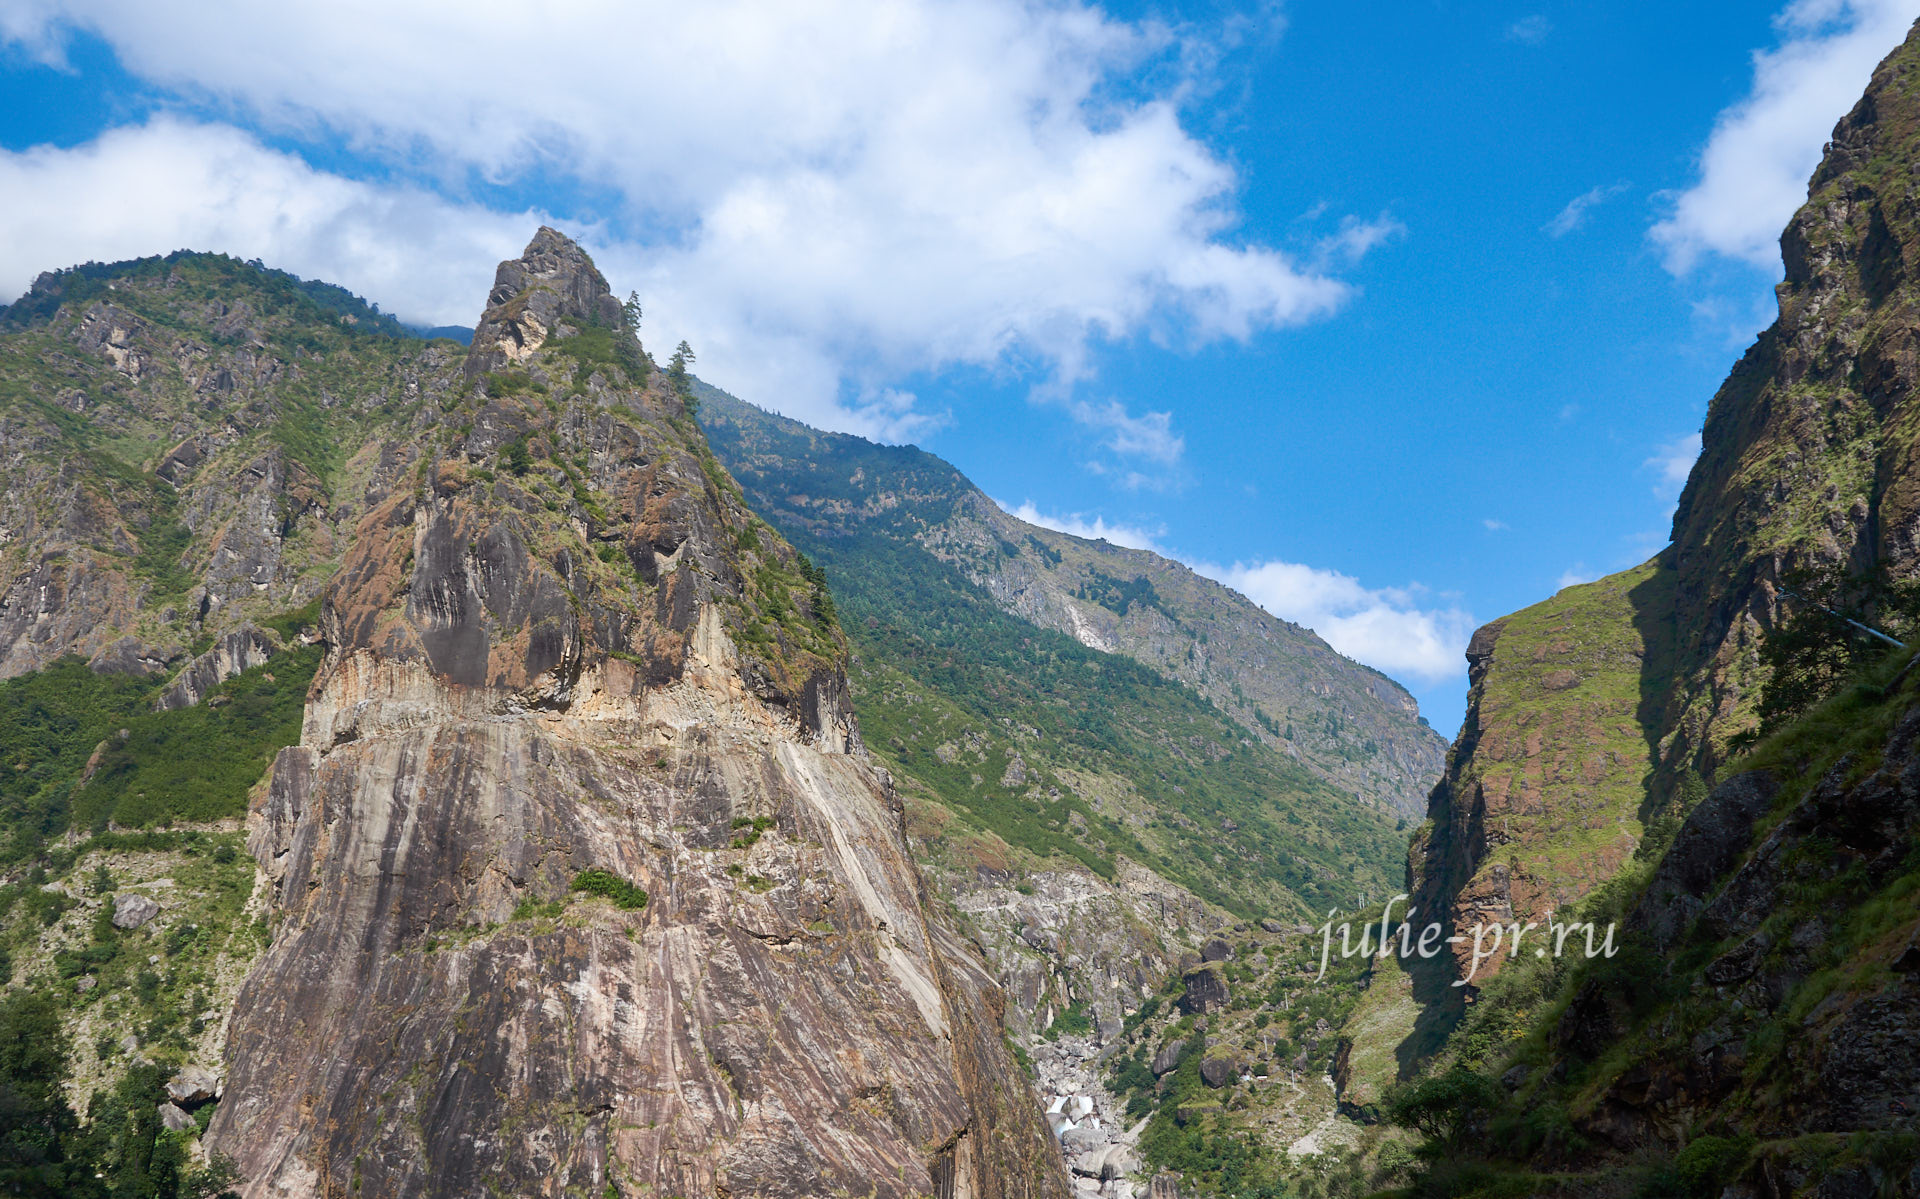 Непал, Трек вокруг Аннапурны, скала